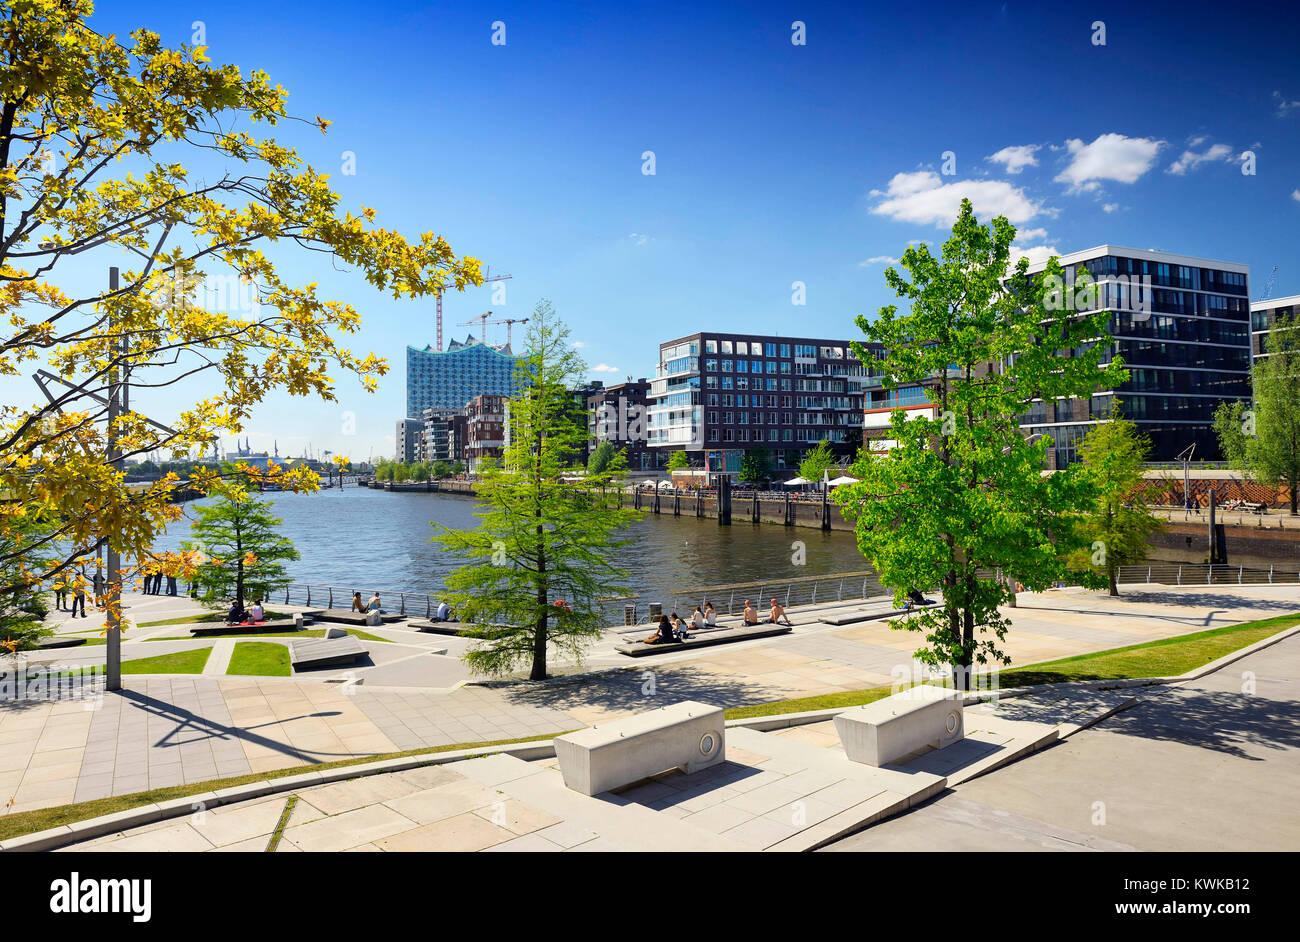 Las terrazas de Marco Polo en la ciudad portuaria de Hamburgo ...